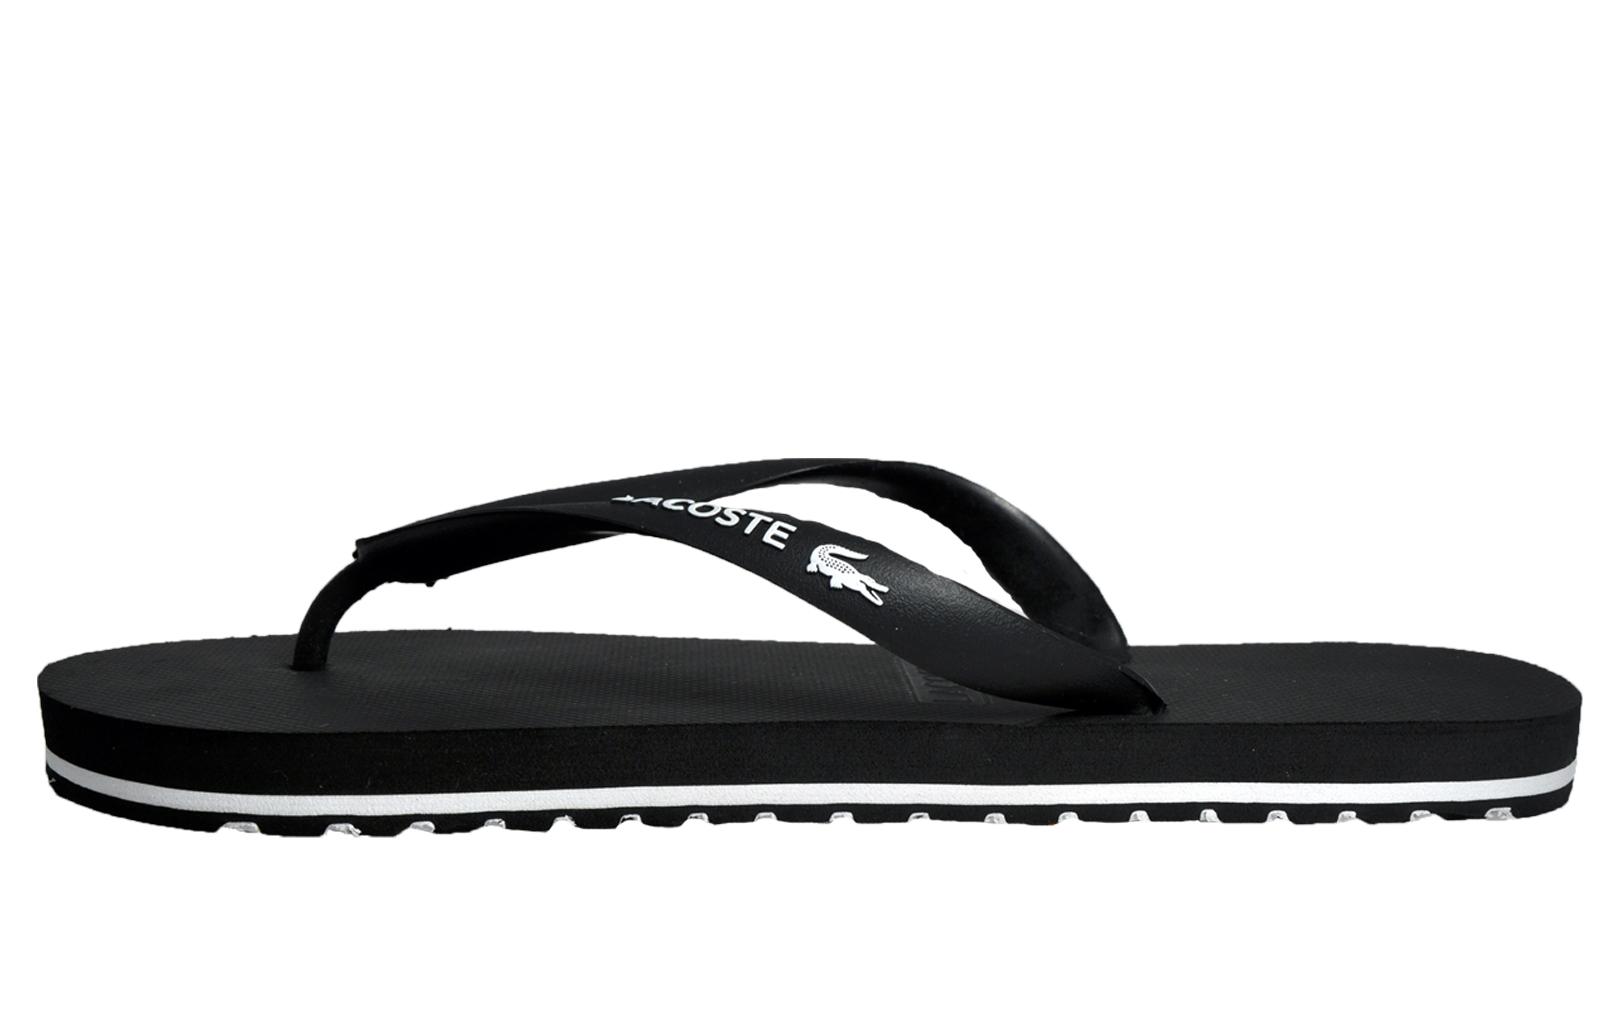 92dea91c609eb5 Lacoste Nosara Mens Designer Flip Flop Summer Holiday Sandals Black. Black  Logo Slide Sandals